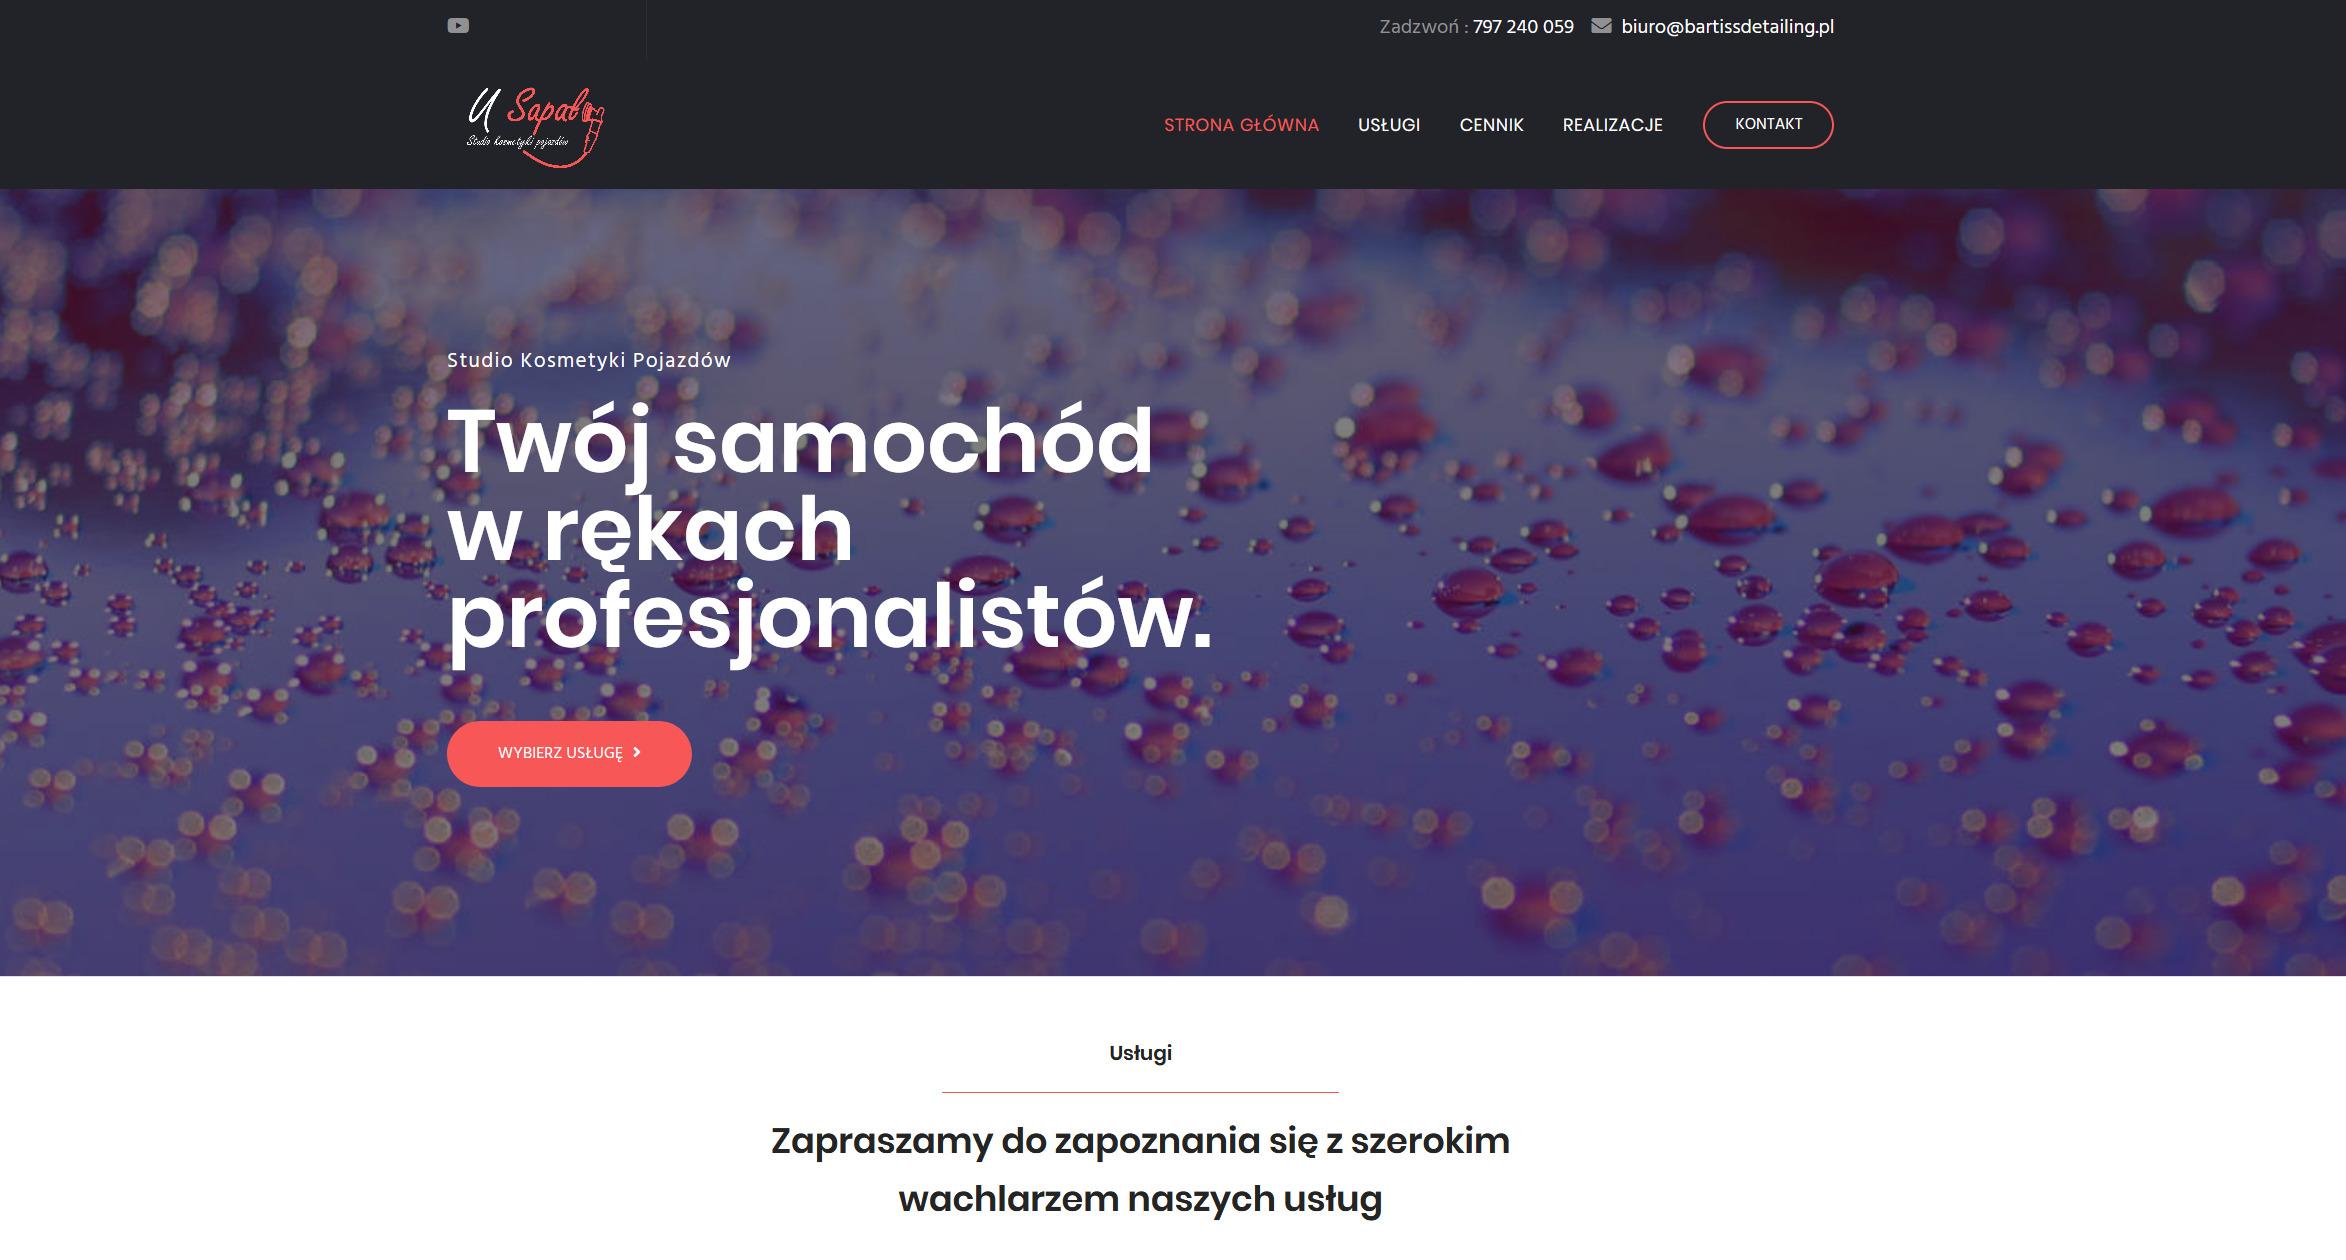 Witryna internetowa firmy zajmującej się kosmetyką pojazdów